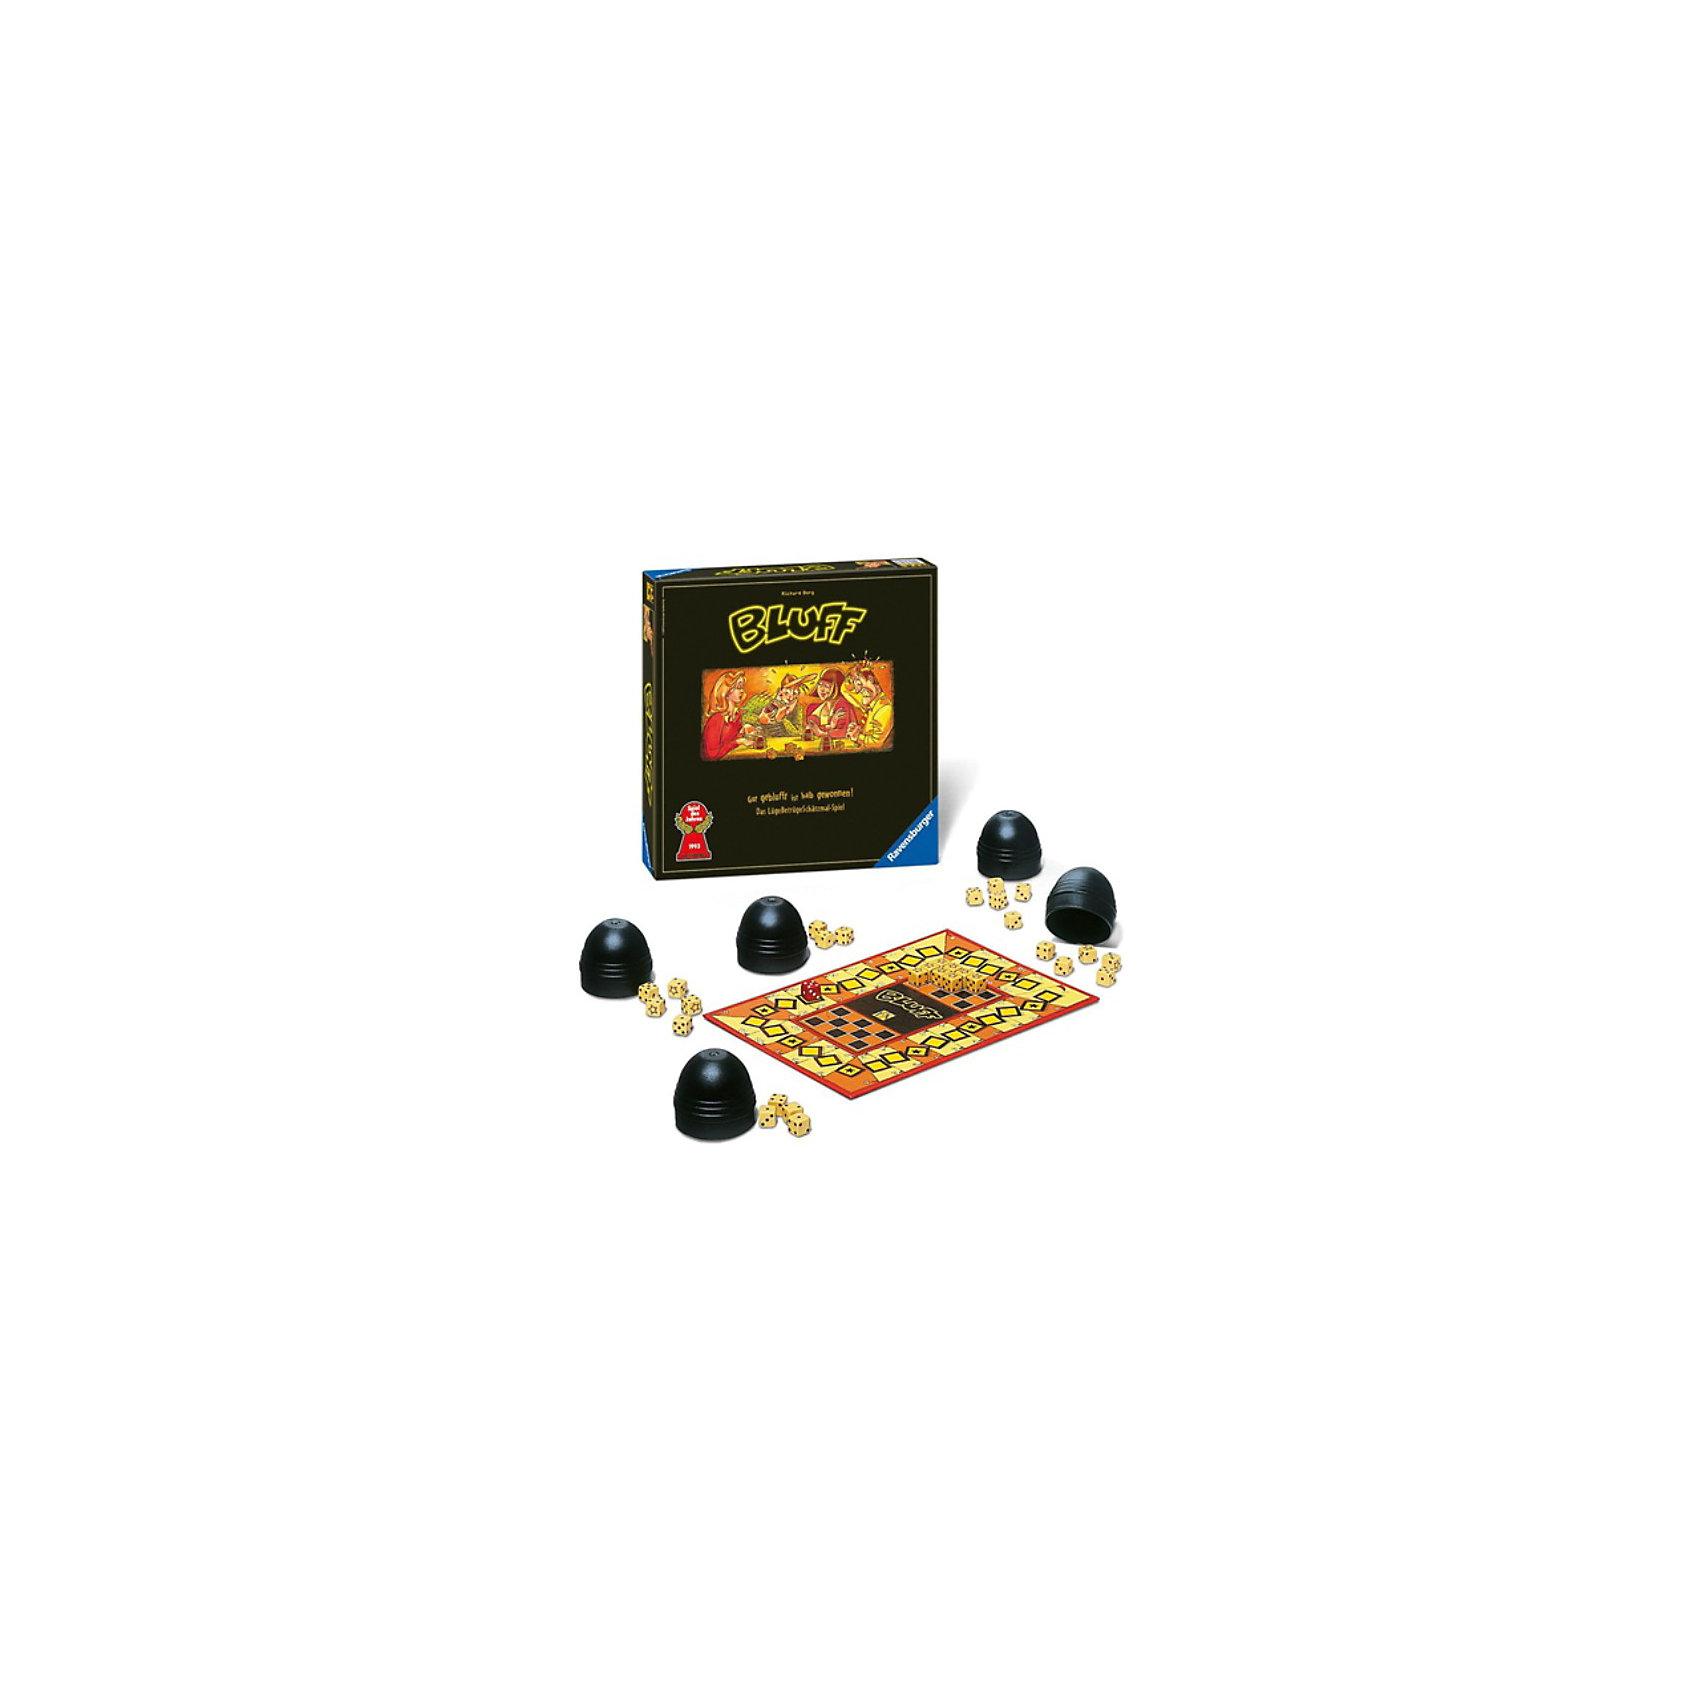 Игра  Блеф, RavensburgerИгра  Блеф, Ravensburger (Равенсбургер) – эта настольная заинтересует как детей, так и взрослых!<br>Игра  Блеф – веселая и очень азартная игра для компании друзей. В ней нужно бросать кубики и делать ставки, ставя их на кон. Выигрывает тот, кому удастся сохранить максимальное количество кубиков. Для этого понадобится удача, умение анализировать и блефовать. У каждого игрока на руках по пять кубиков – костей. Каждый раунд игроки их перемешивают в плошках и высыпают на стол. О том, что выпало в плошке, должен знать только ее хозяин. Когда каждый игрок увидел свои кости, можно делать ставки: предполагать, сколько кубиков с одинаковым числом выпало в этом раунде. Первому игроку приходиться ориентироваться только на свои кубики, а всем остальным еще и на заявления уже сделавших ставку игроков. Каждый игрок может или принять и поднять ставку предыдущего игрока или отказаться от нее. Если ставка принята, можно делать свое предложение. Если не принята, все кубики открываются и подсчитываются. Игра «Блеф» будет отличным развлечением, как в молодежной компании, так и в простой семейной обстановке. Азартная и веселая игра поднимет настроение и увлечет надолго.<br><br>Дополнительная информация:<br><br>- В комплекте: игровое поле, 5 колпачков для кубиков, 30 желтых кубиков, 1 красный кубик для торгов, инструкция<br>- Количество игроков: от 3 до 5 человек<br>- Время игры: 15 минут<br>- Материал: пластик, картон<br>- Размер коробки: 30 x 30 x 7 см.<br><br>Игру Блеф, Ravensburger (Равенсбургер) можно купить в нашем интернет-магазине.<br><br>Ширина мм: 300<br>Глубина мм: 70<br>Высота мм: 300<br>Вес г: 0<br>Возраст от месяцев: 72<br>Возраст до месяцев: 216<br>Пол: Унисекс<br>Возраст: Детский<br>SKU: 3894990